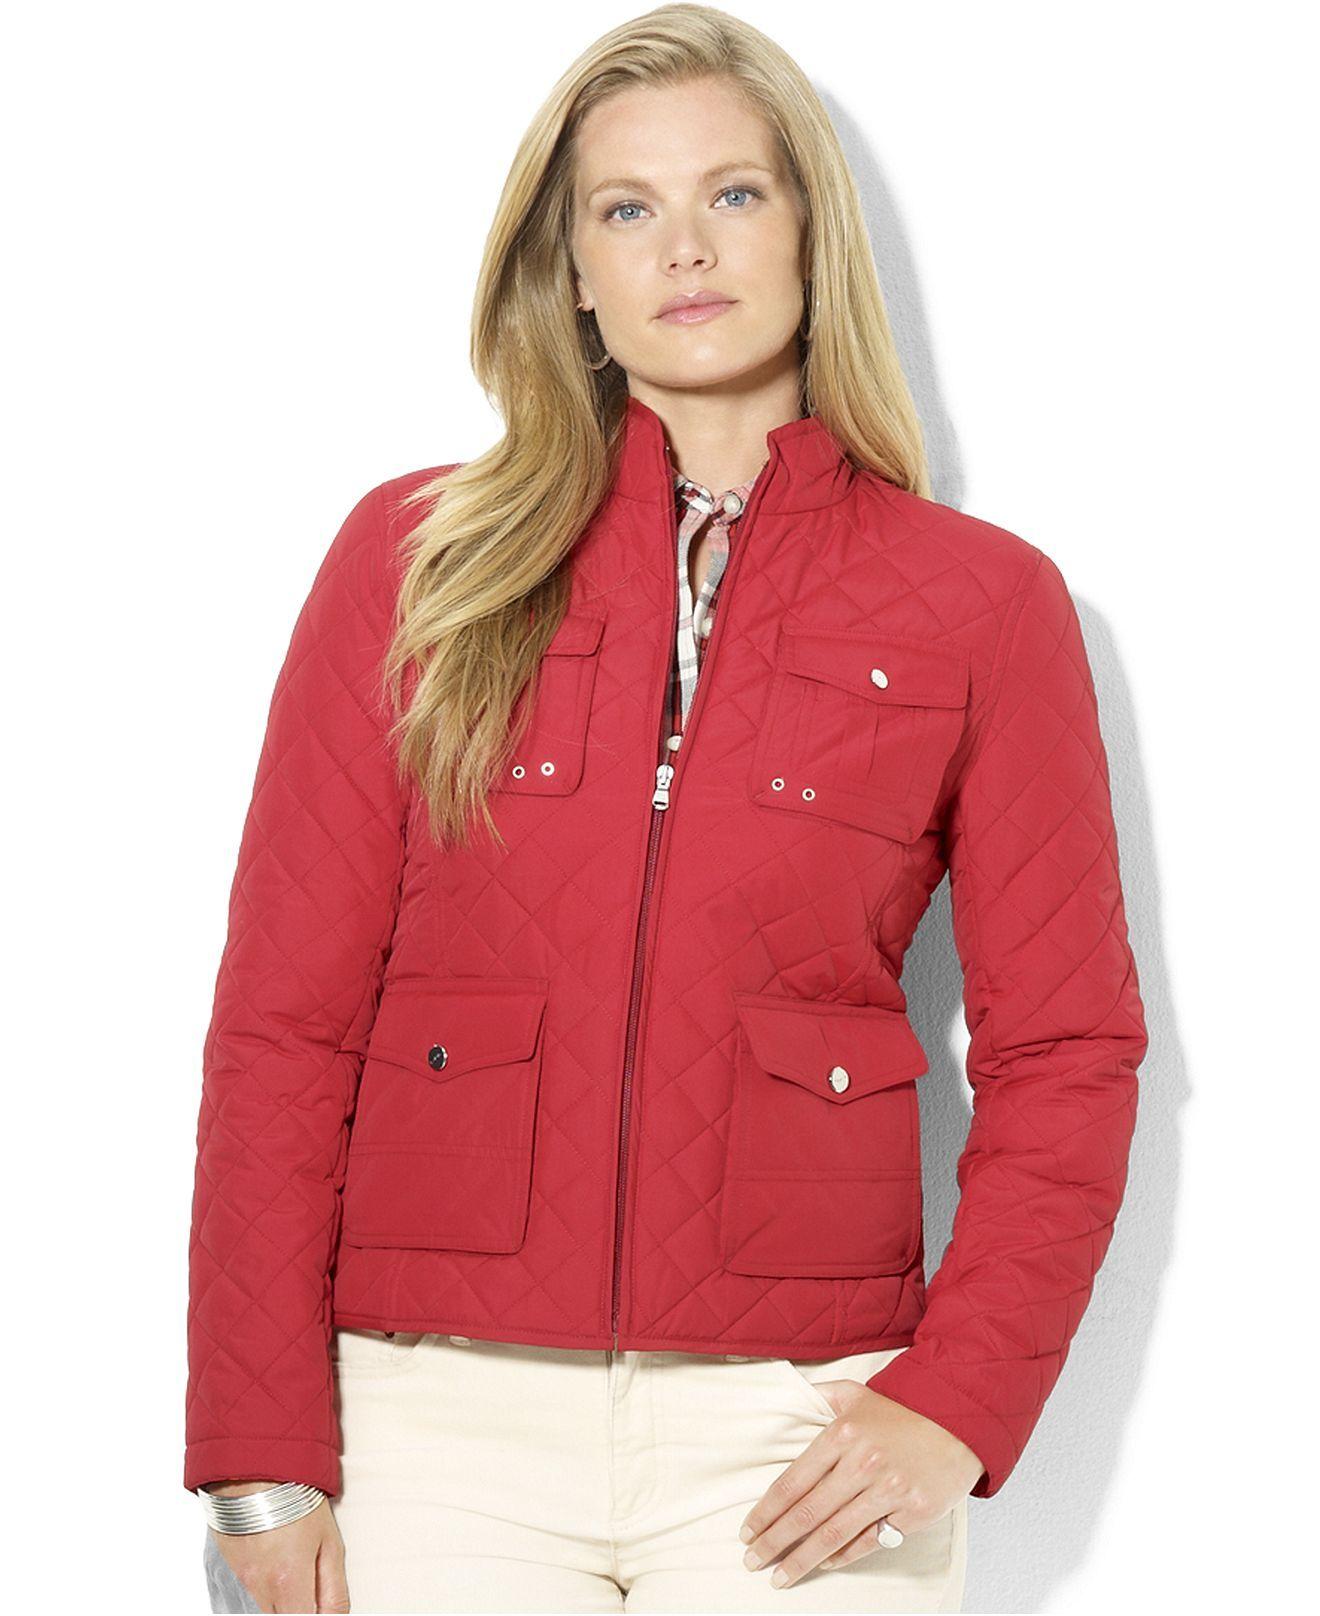 7241824c37e Lauren Ralph Lauren Plus Size Jacket